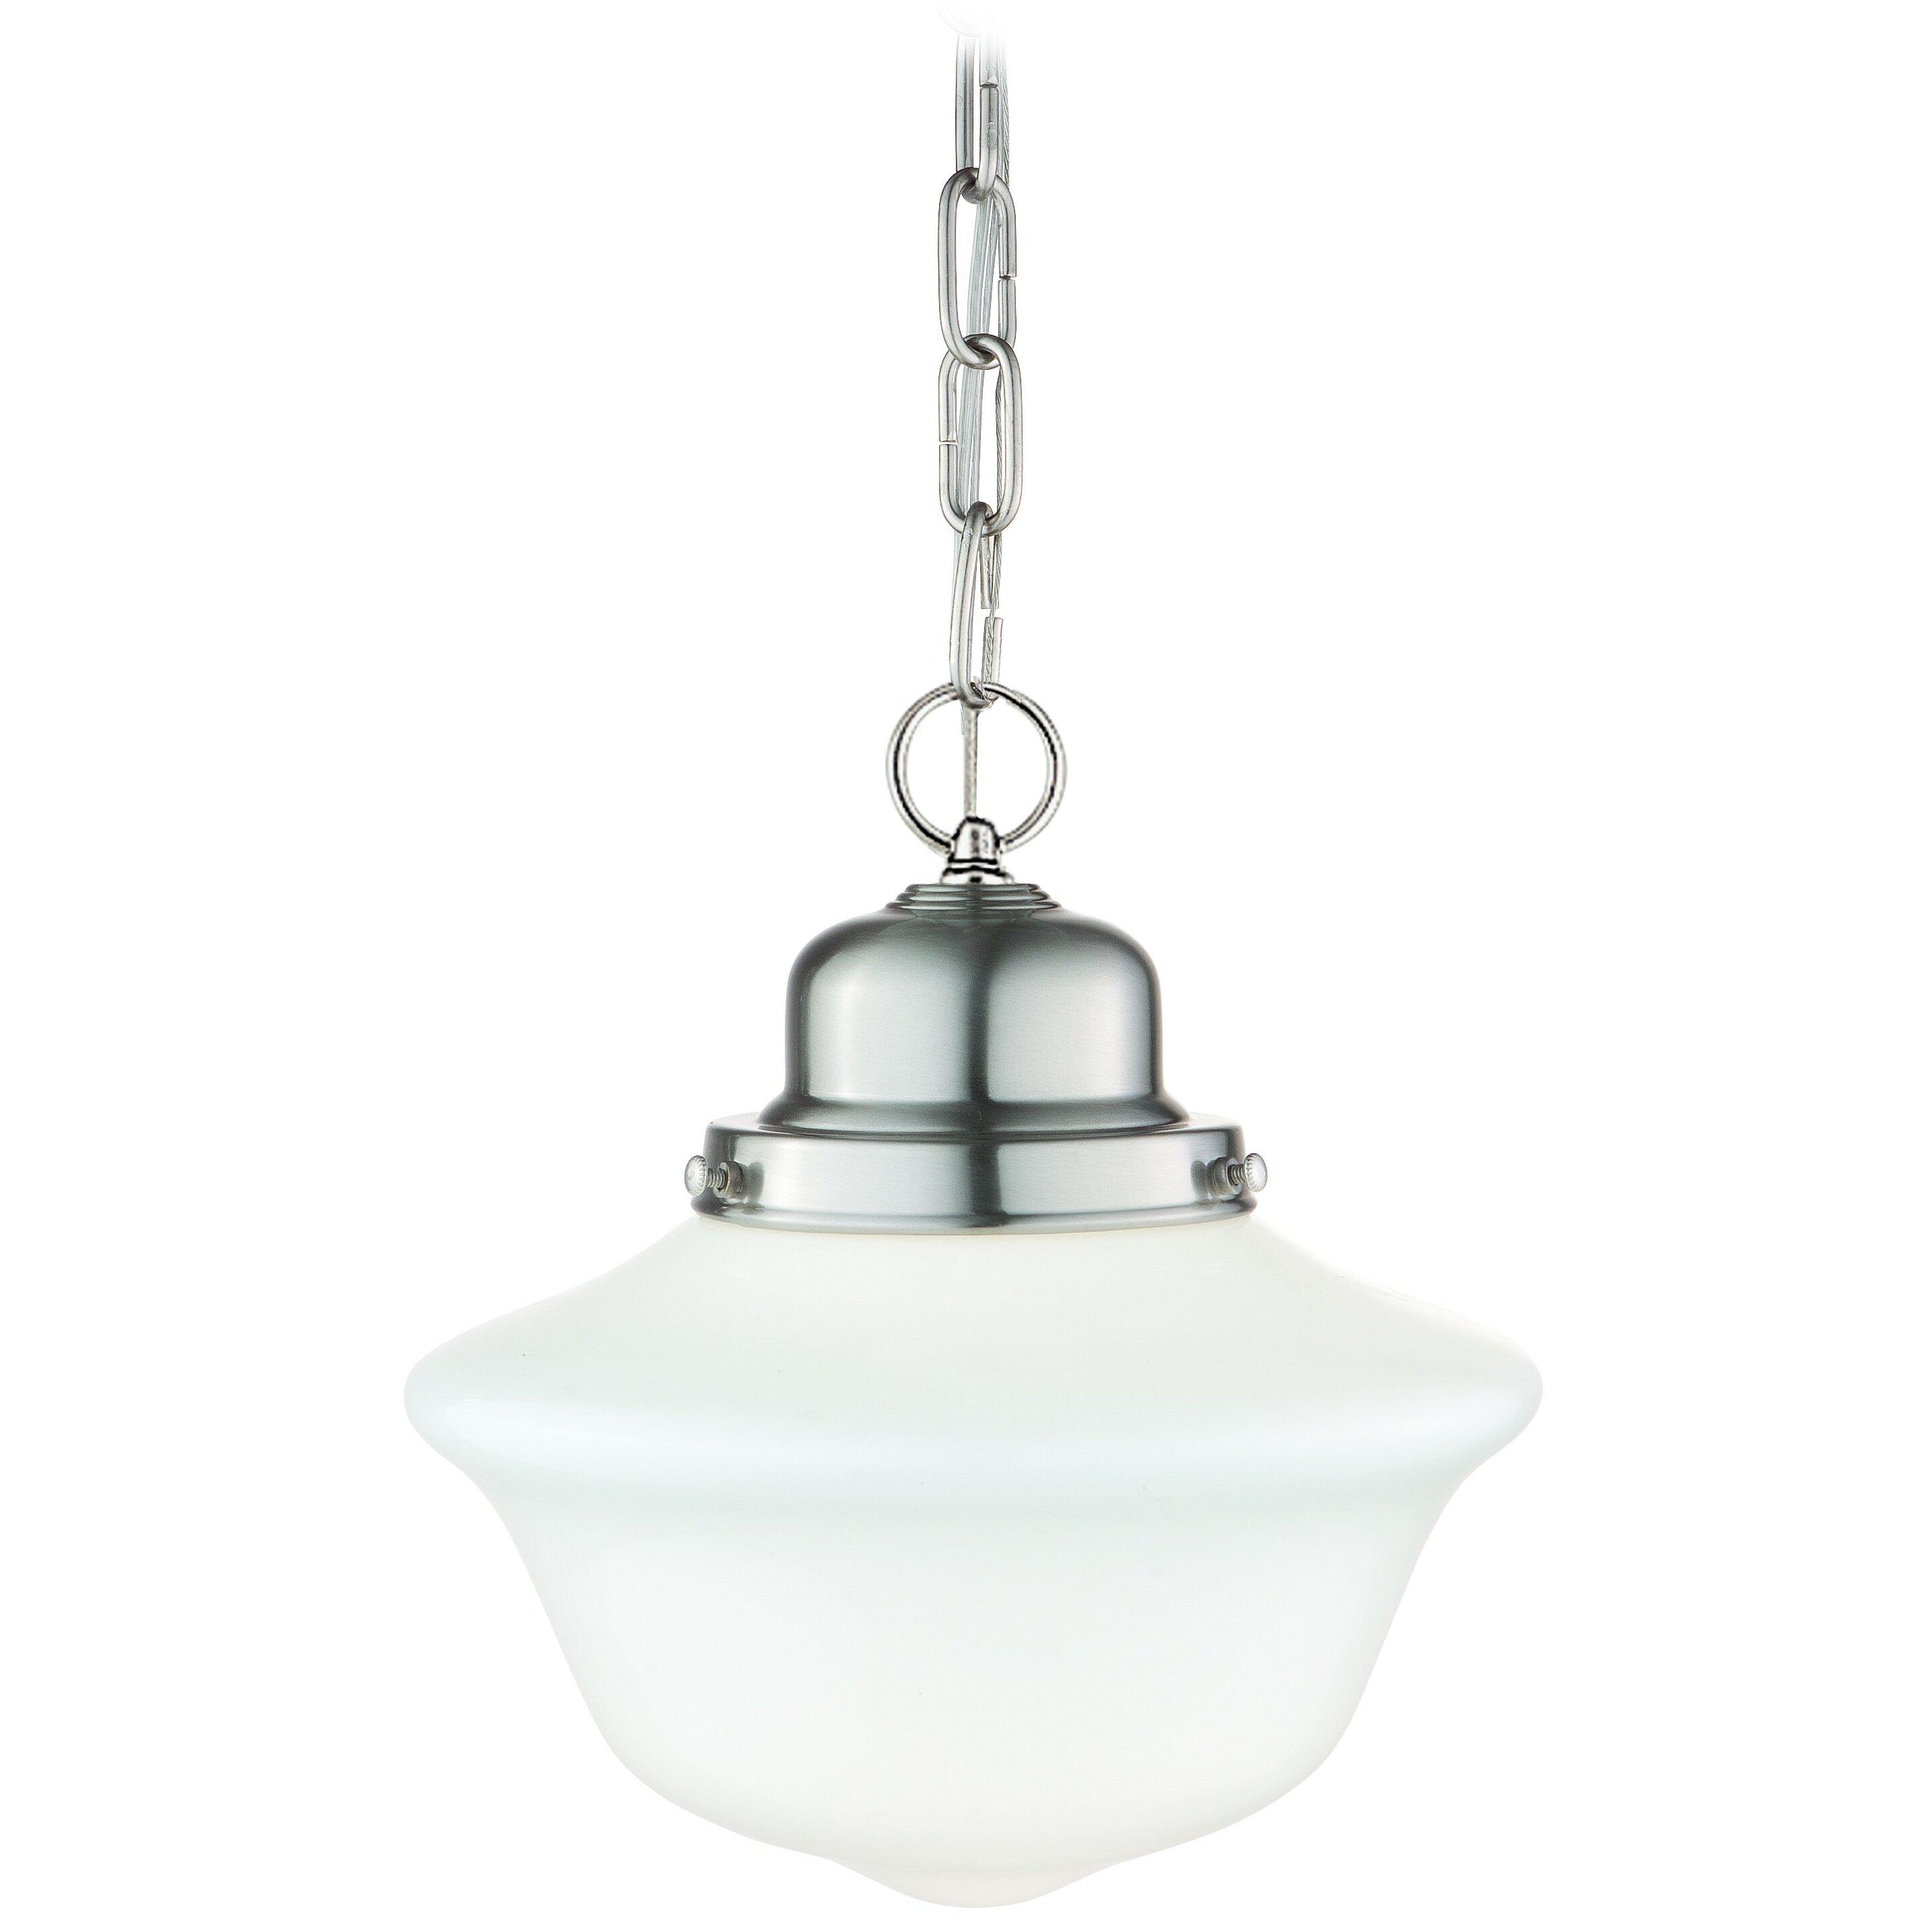 Hudson Valley Lighting Mini Pendant: Hudson Valley Lighting Edison 1 Light Mini Pendant